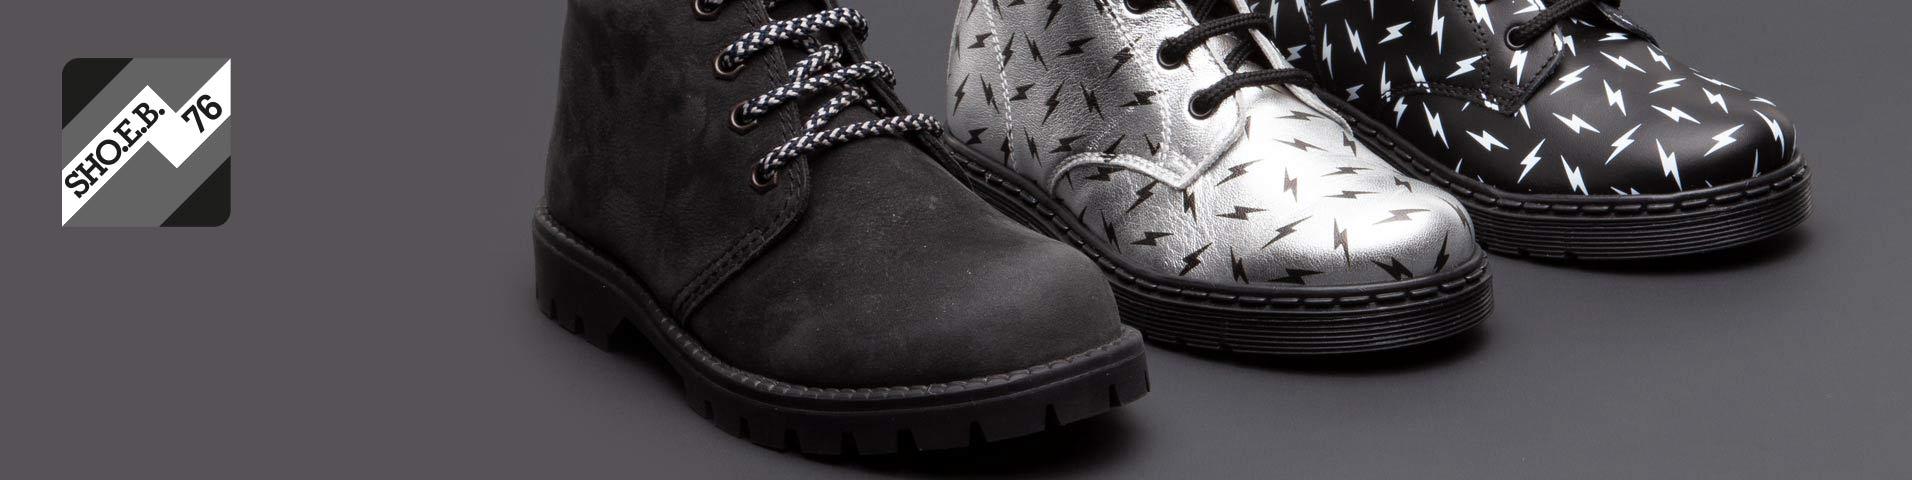 Olive shoeb76 Schuhe online kaufen | Upgrade für deinen